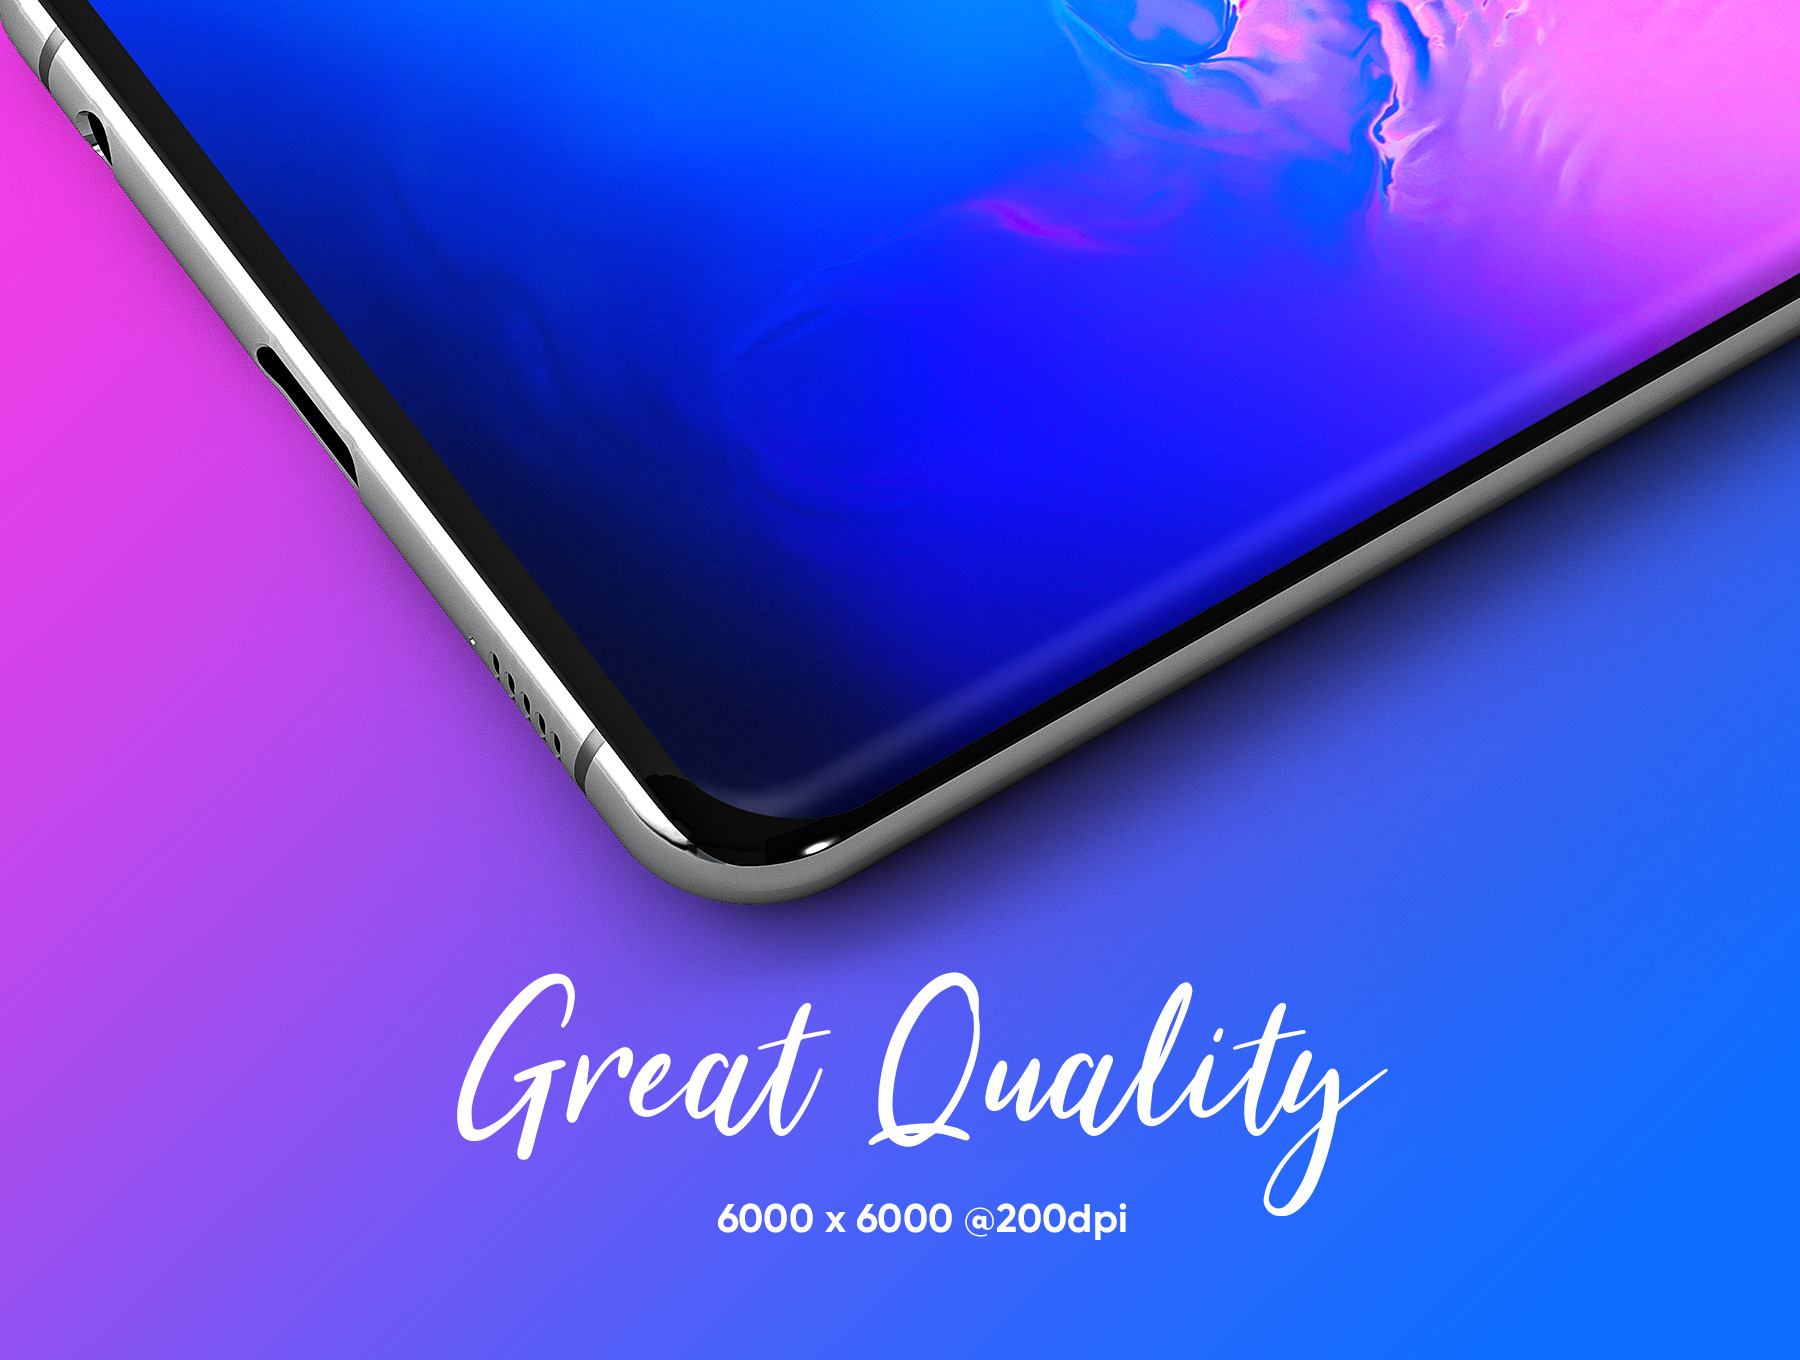 应用程序&网站设计预览三星Galaxy S10样机模板 Samsung Galaxy S10+ Design Mockup 2插图(3)